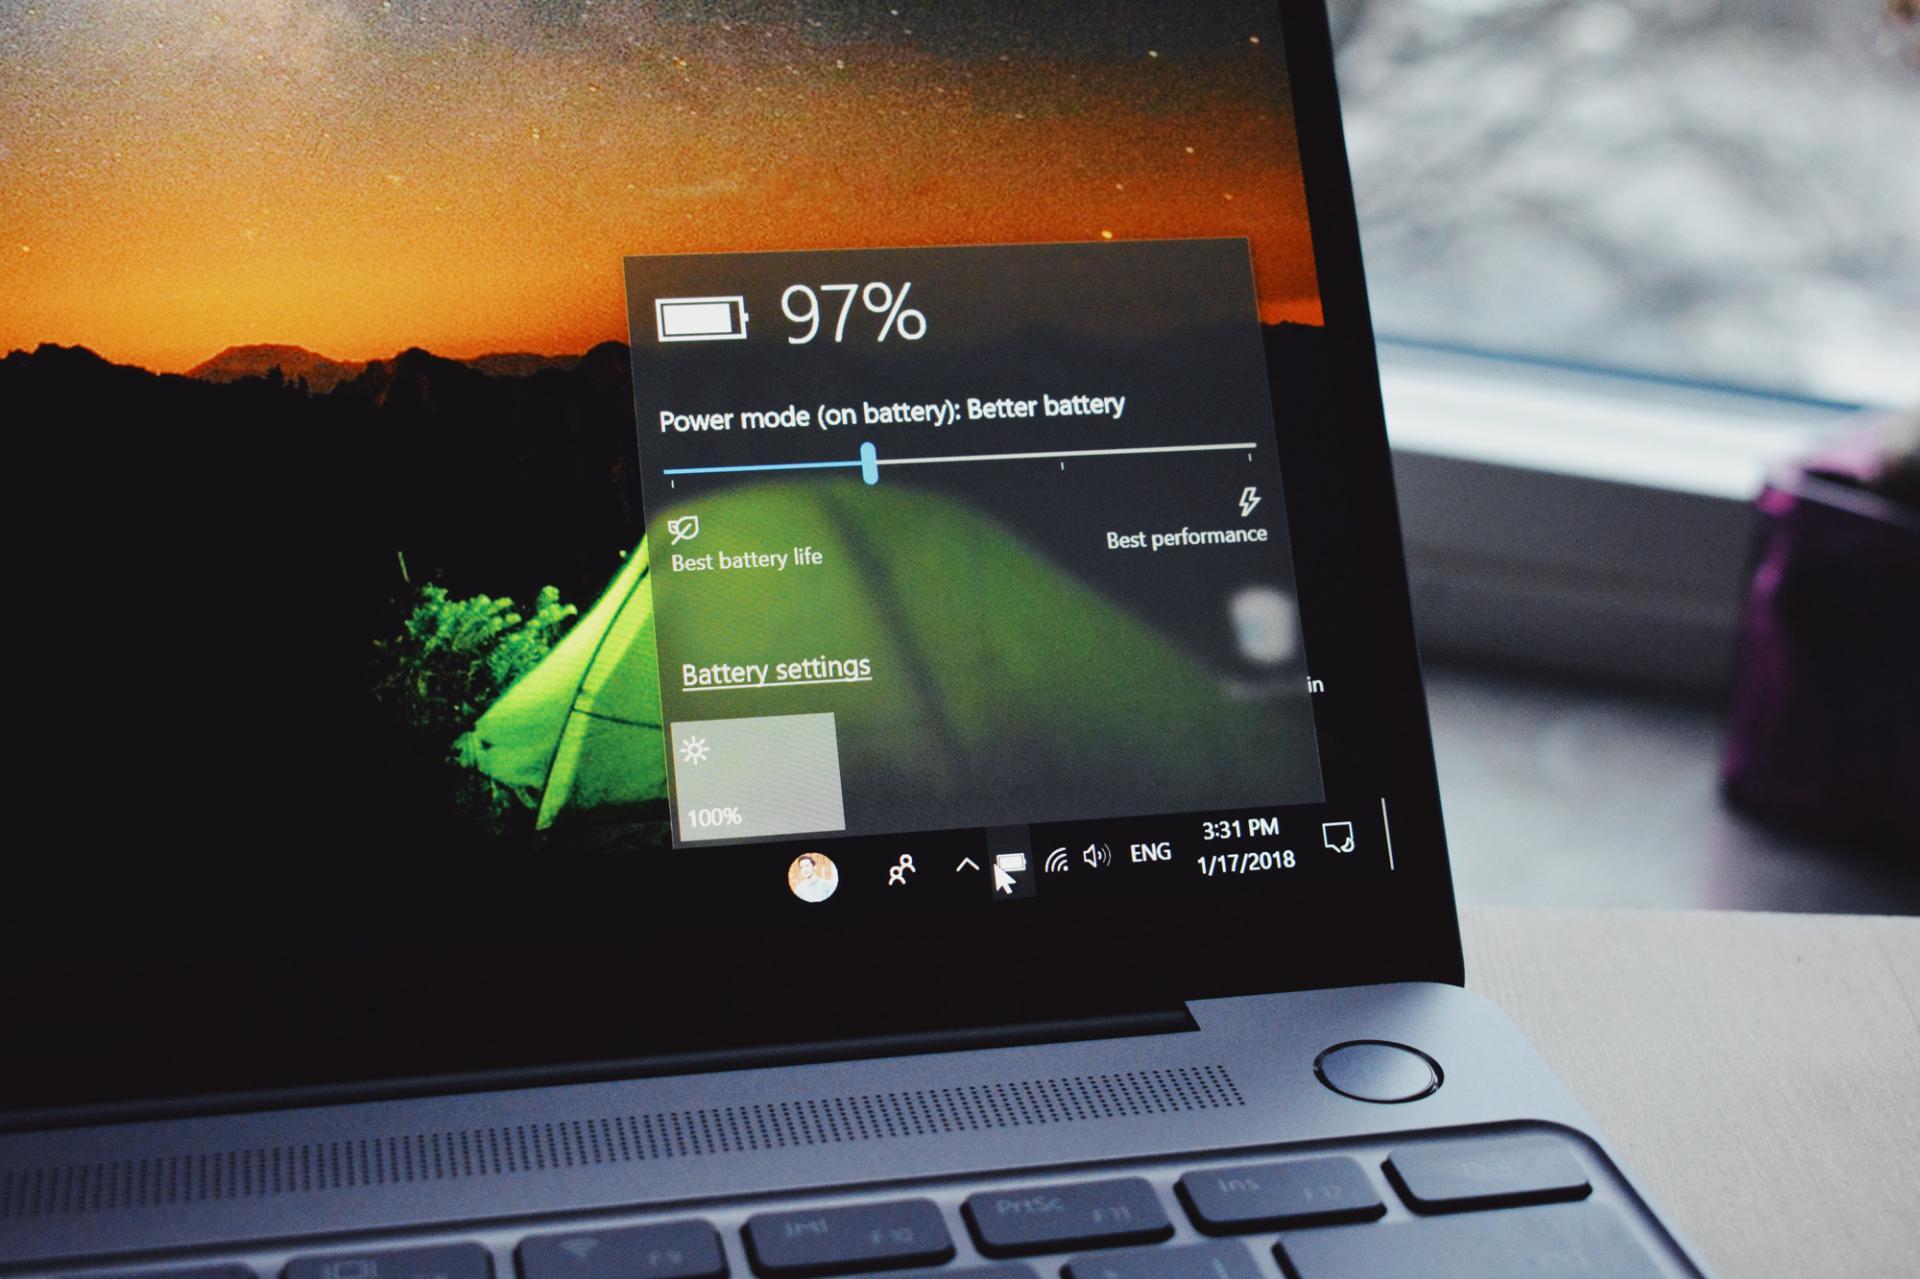 ВWindows 10 есть режим супер производительности, нонужно активировать